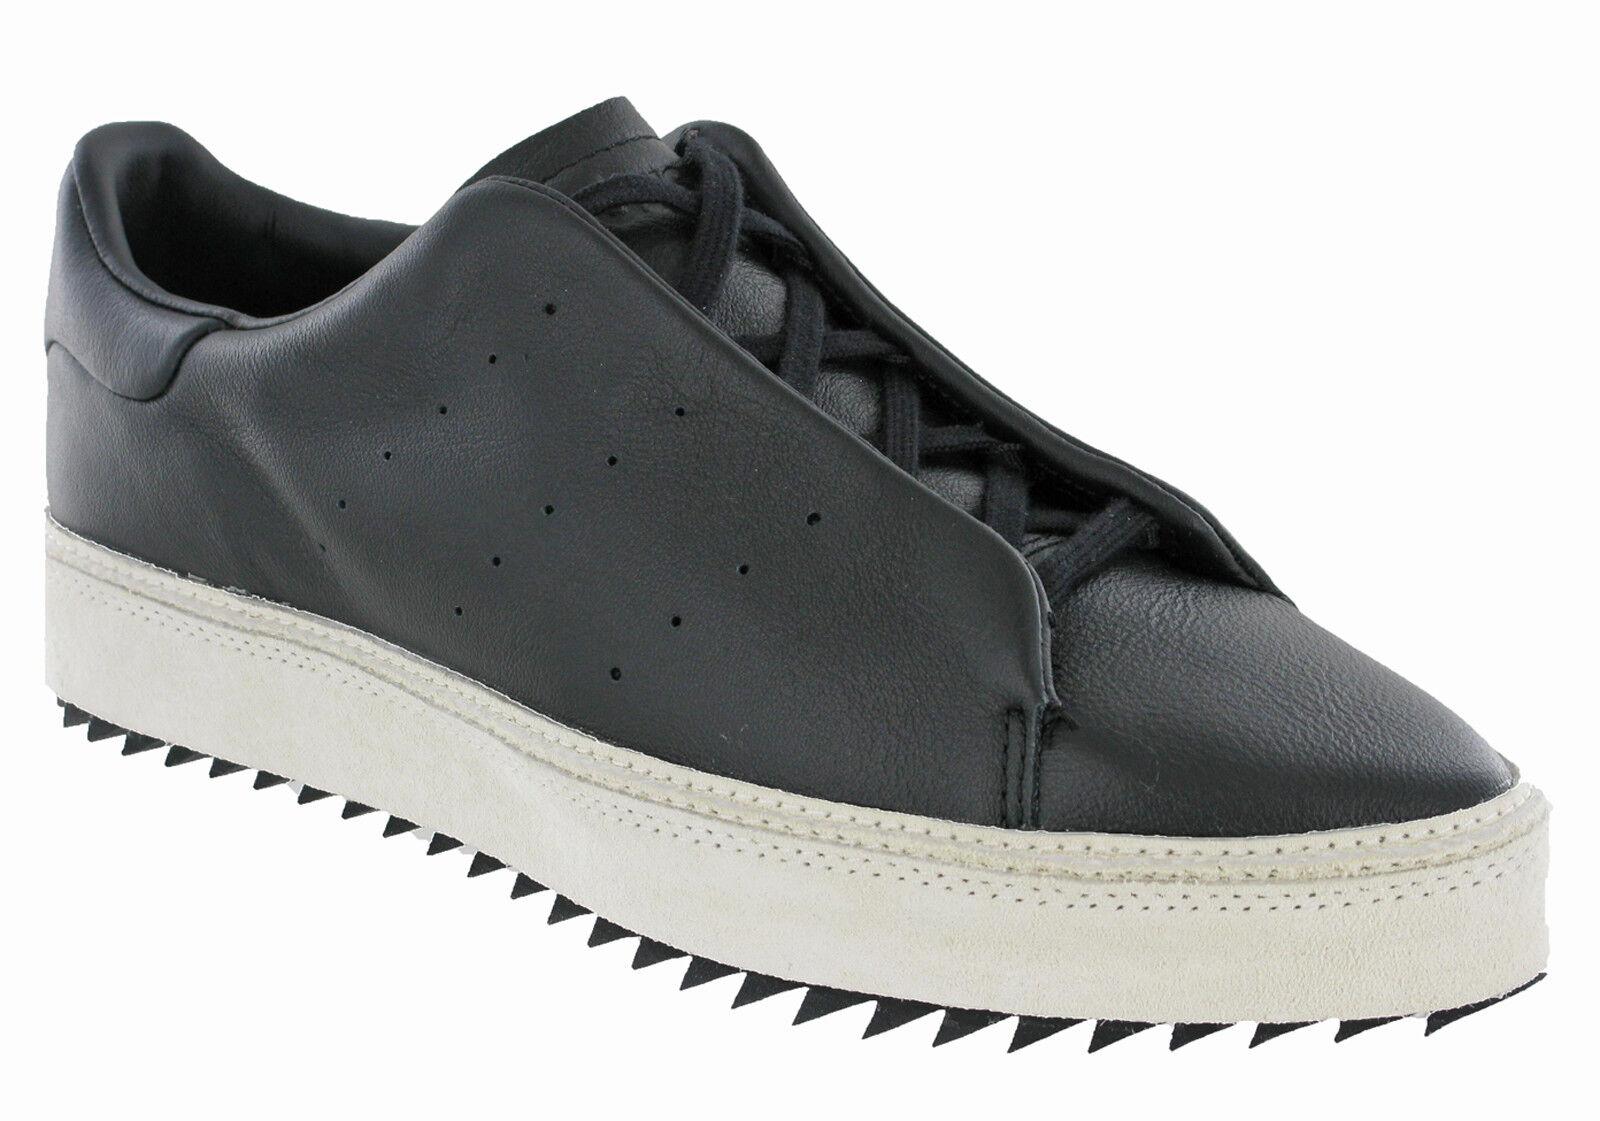 Details about Adidas Punto Corte Mujer Plataforma / Zapatos de S81475  Zapatillas Negras 3-7